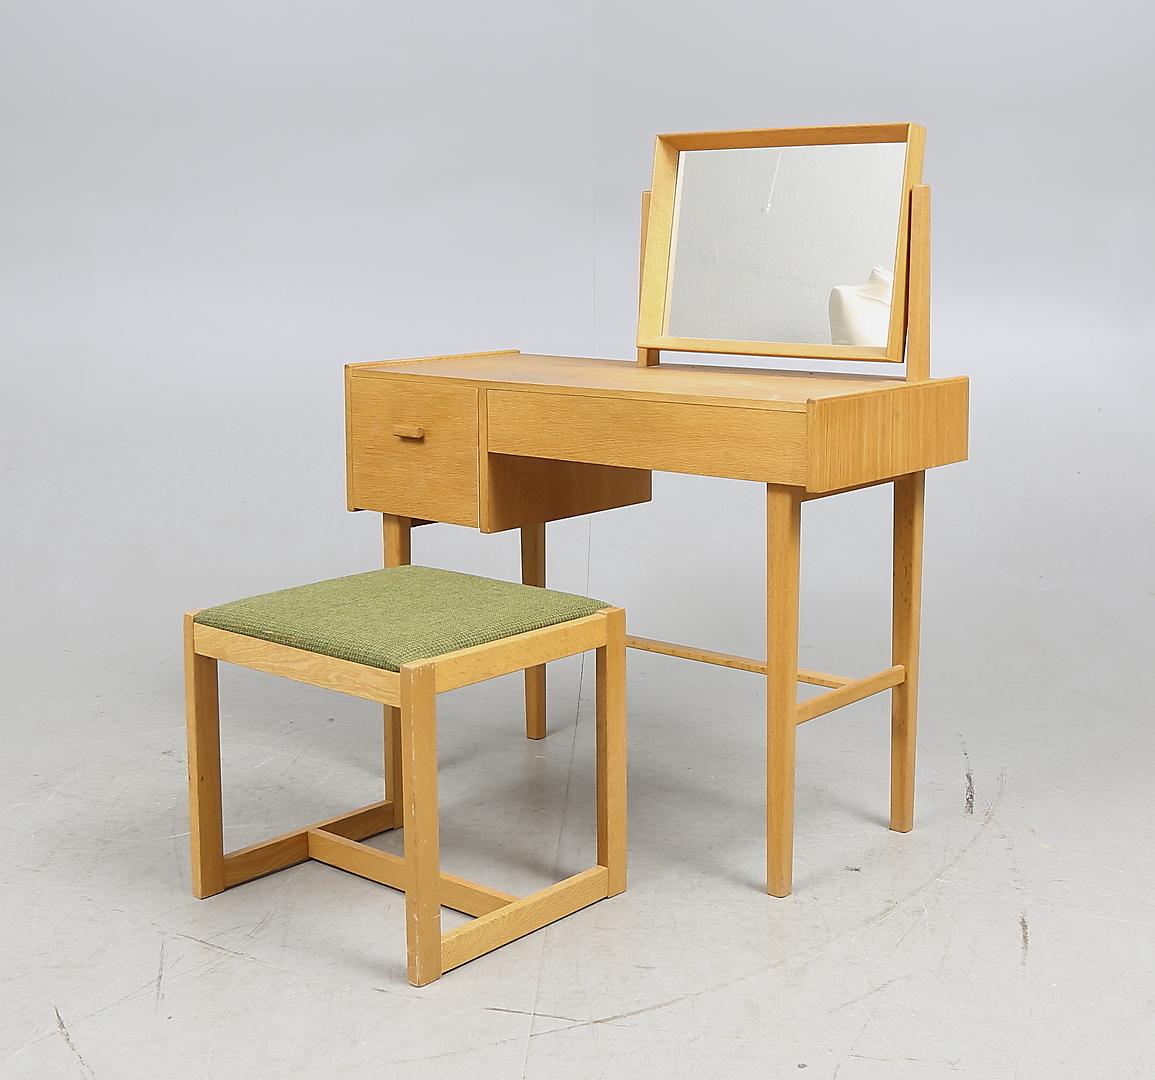 Bilder För 236394 Sminkbord Med Pall, 1900 Talets Andra Hälft Auctionet